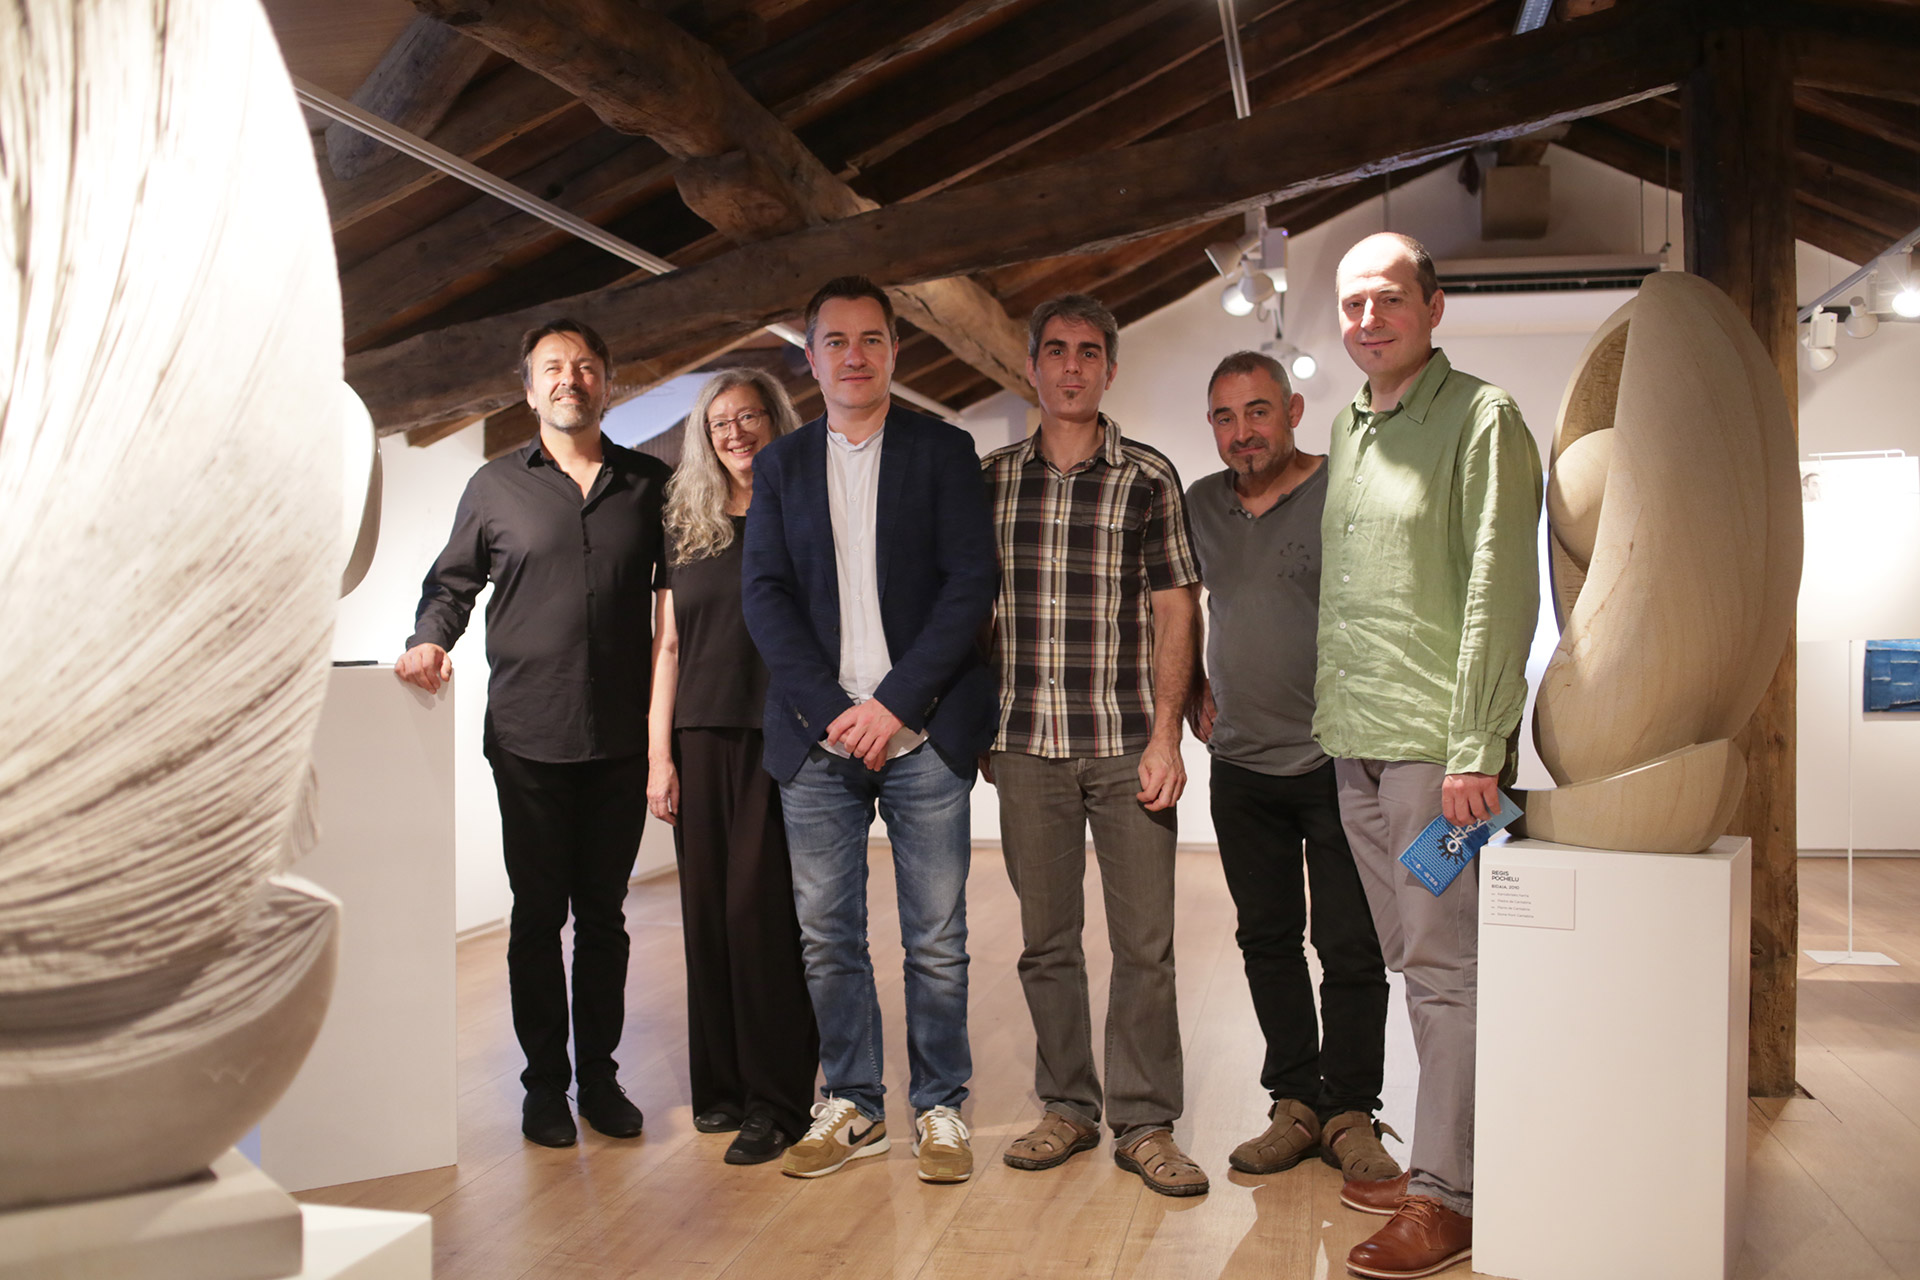 Artistas de exposición Ozeana en Euskal Itsas Museoa